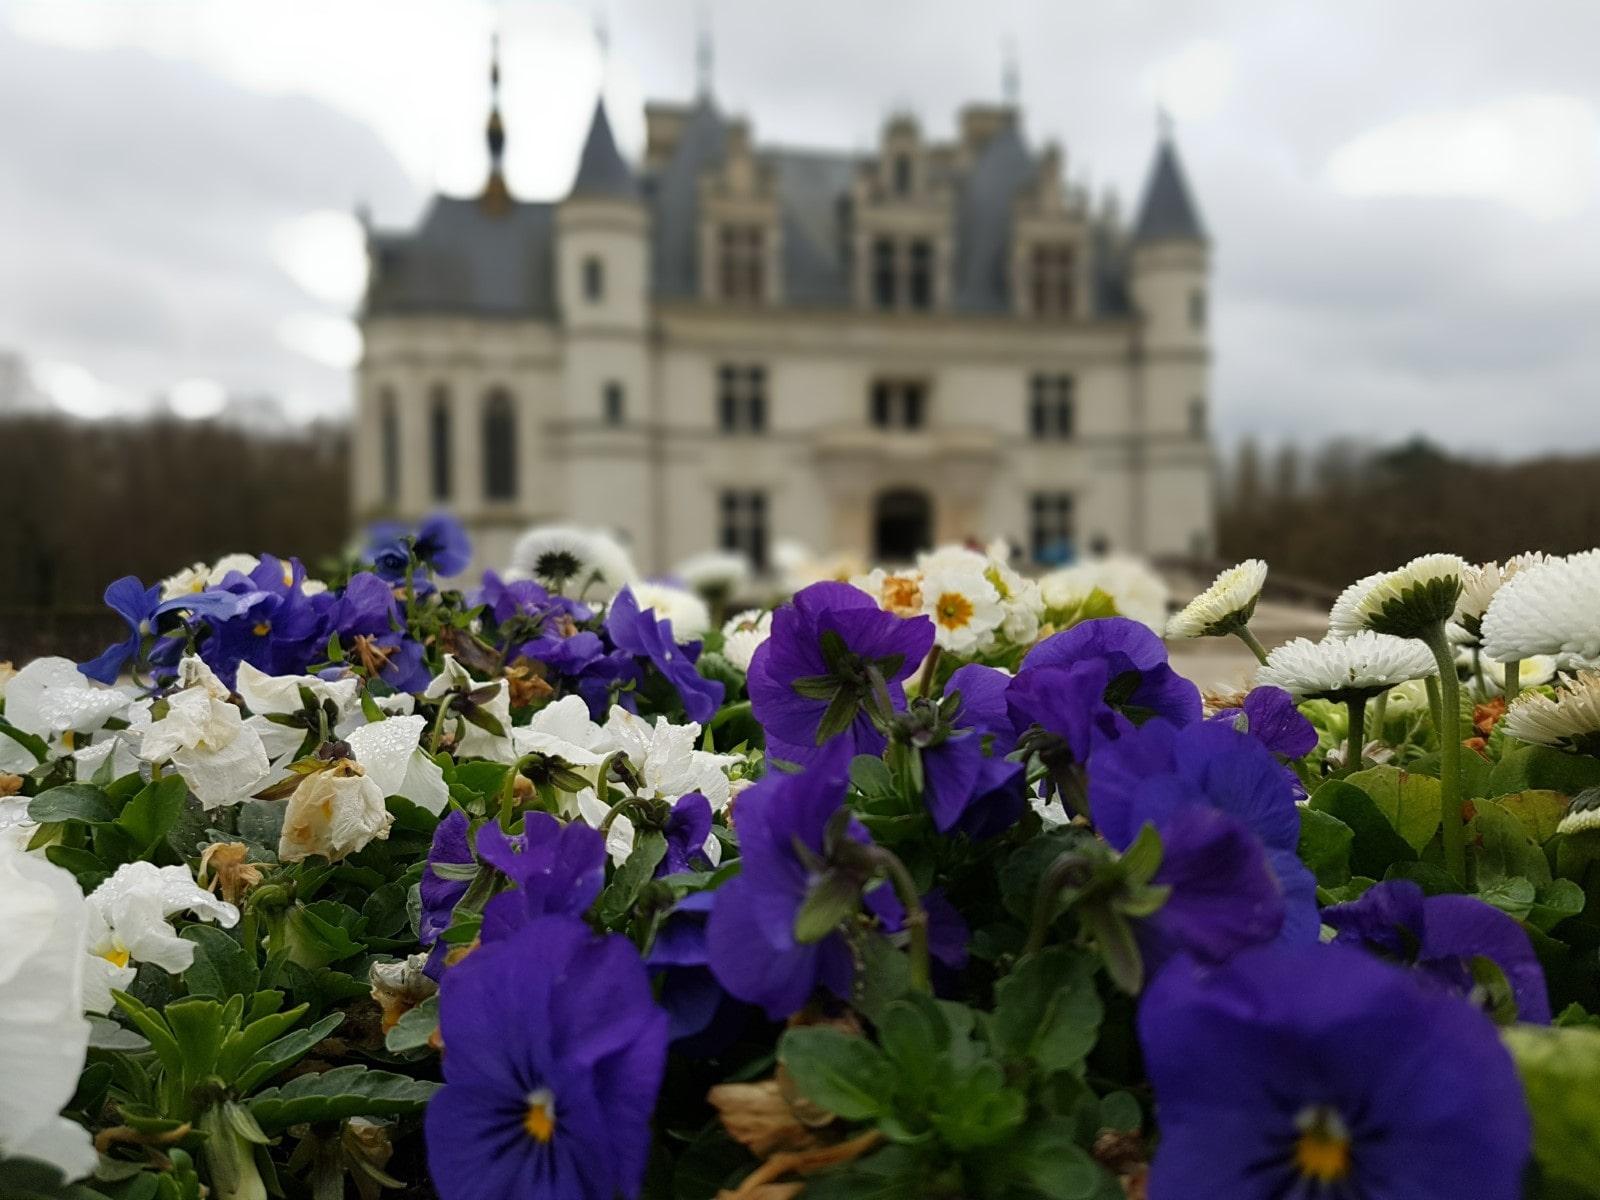 I fiori che adornano il castello vengono coltivati proprio nei giardini di Chenonceau.